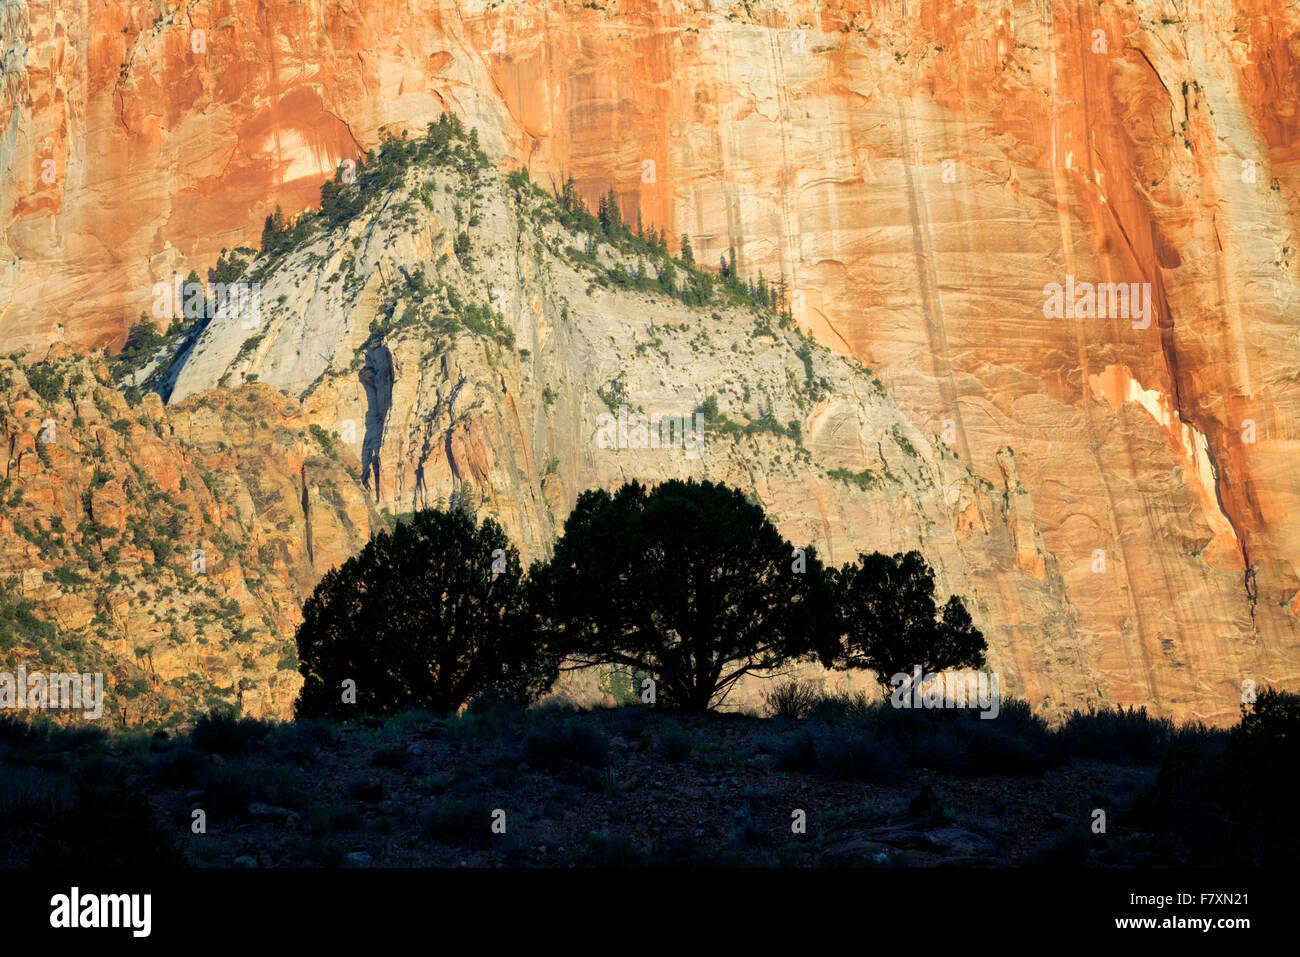 Siluetas de árboles y templos y torres de la Virgen. Parque Nacional de Zion, Utah Imagen De Stock